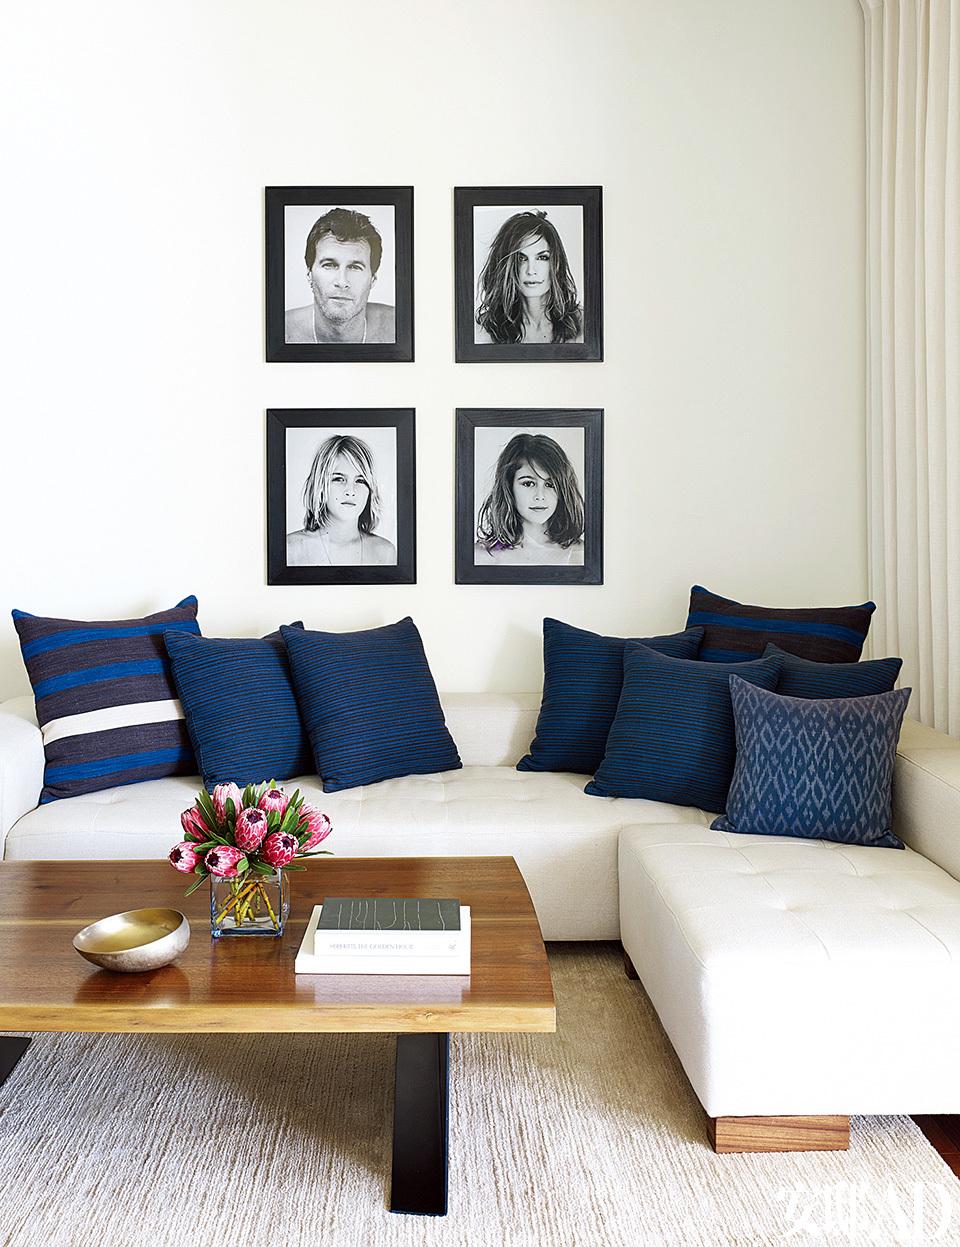 主卧室另一侧的定制组合沙发上方挂着摄影师Bowen Smith为这个家的家庭成员拍摄的肖像;靠垫条纹面料来自Ralph Lauren Home,复古靠枕来自John Robshaw,地毯来自Lawrenceof La Brea。